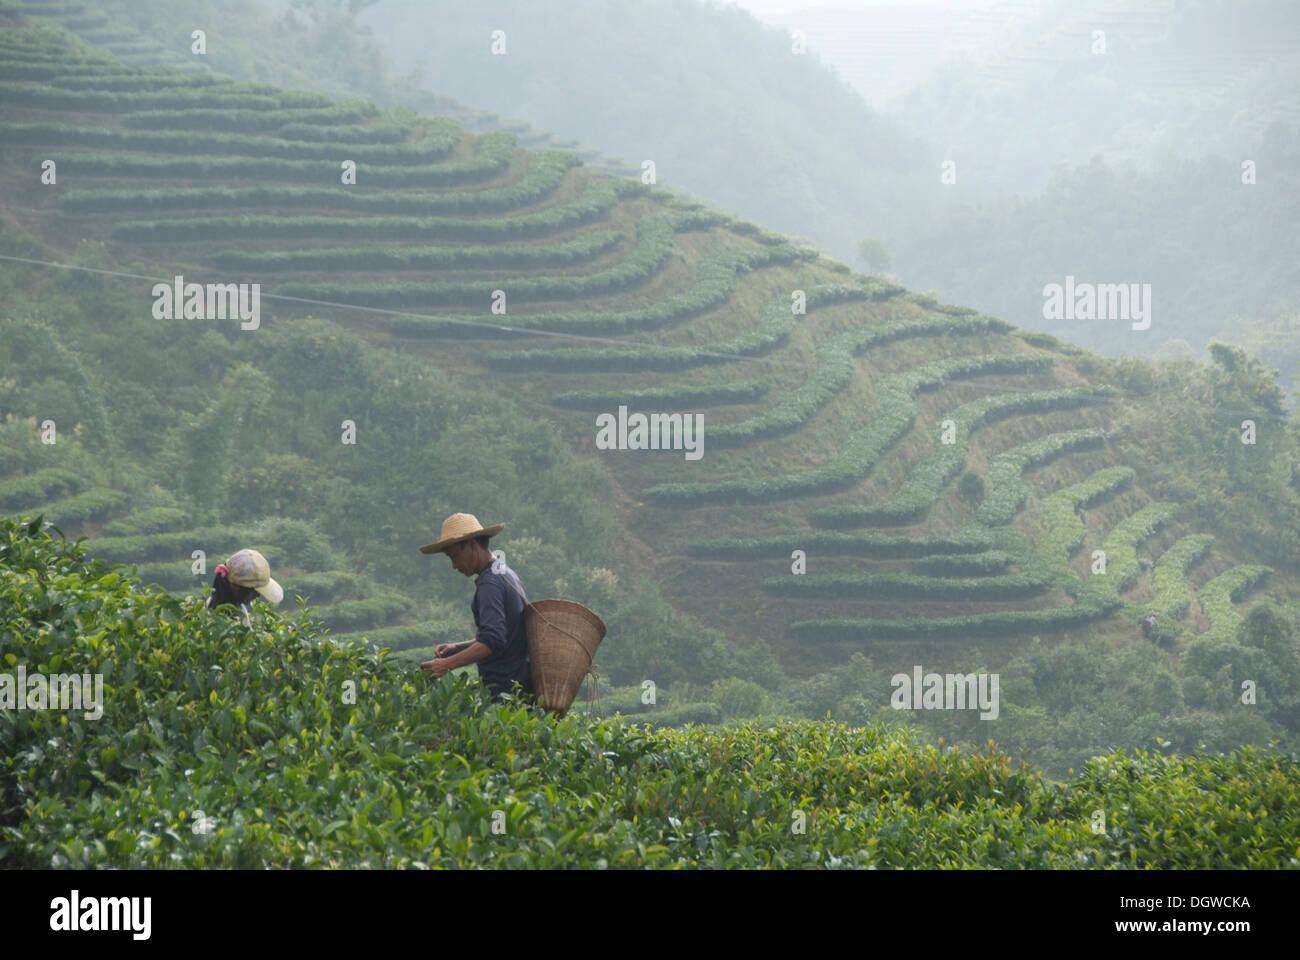 La plantation de thé, thé pickers sur la pente de montagne, Pu'er, Jiangcheng City, province du Yunnan, en République populaire de Chine Photo Stock